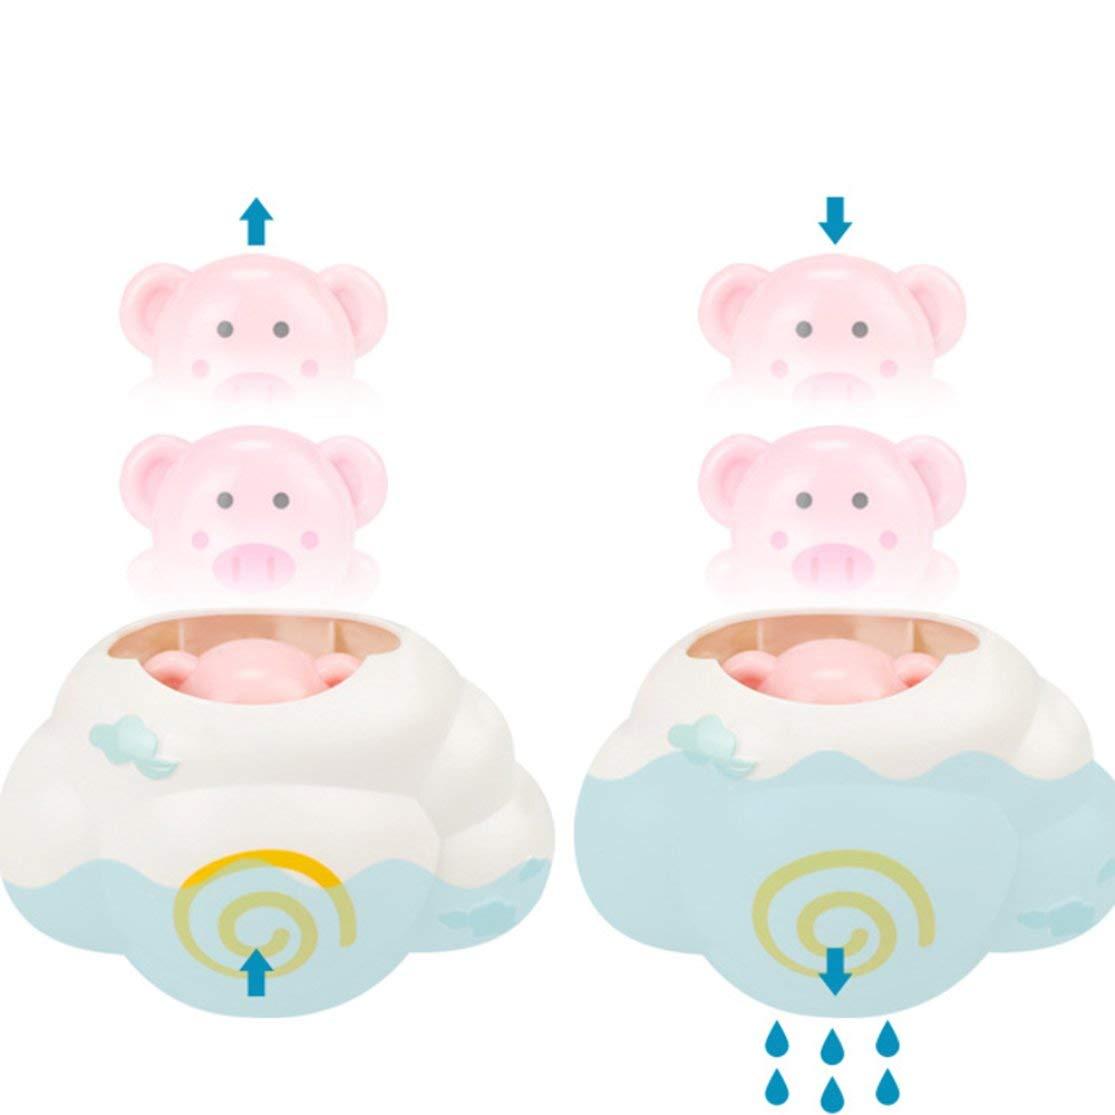 LouiseEvel215 Creativo Bambino Doccia Acqua spruzzando Doccia Giocattolo per Bambini Vasca da Bagno Giocattolo Bambini Tempo Bagno Gioco Giocattoli per Il Bagno